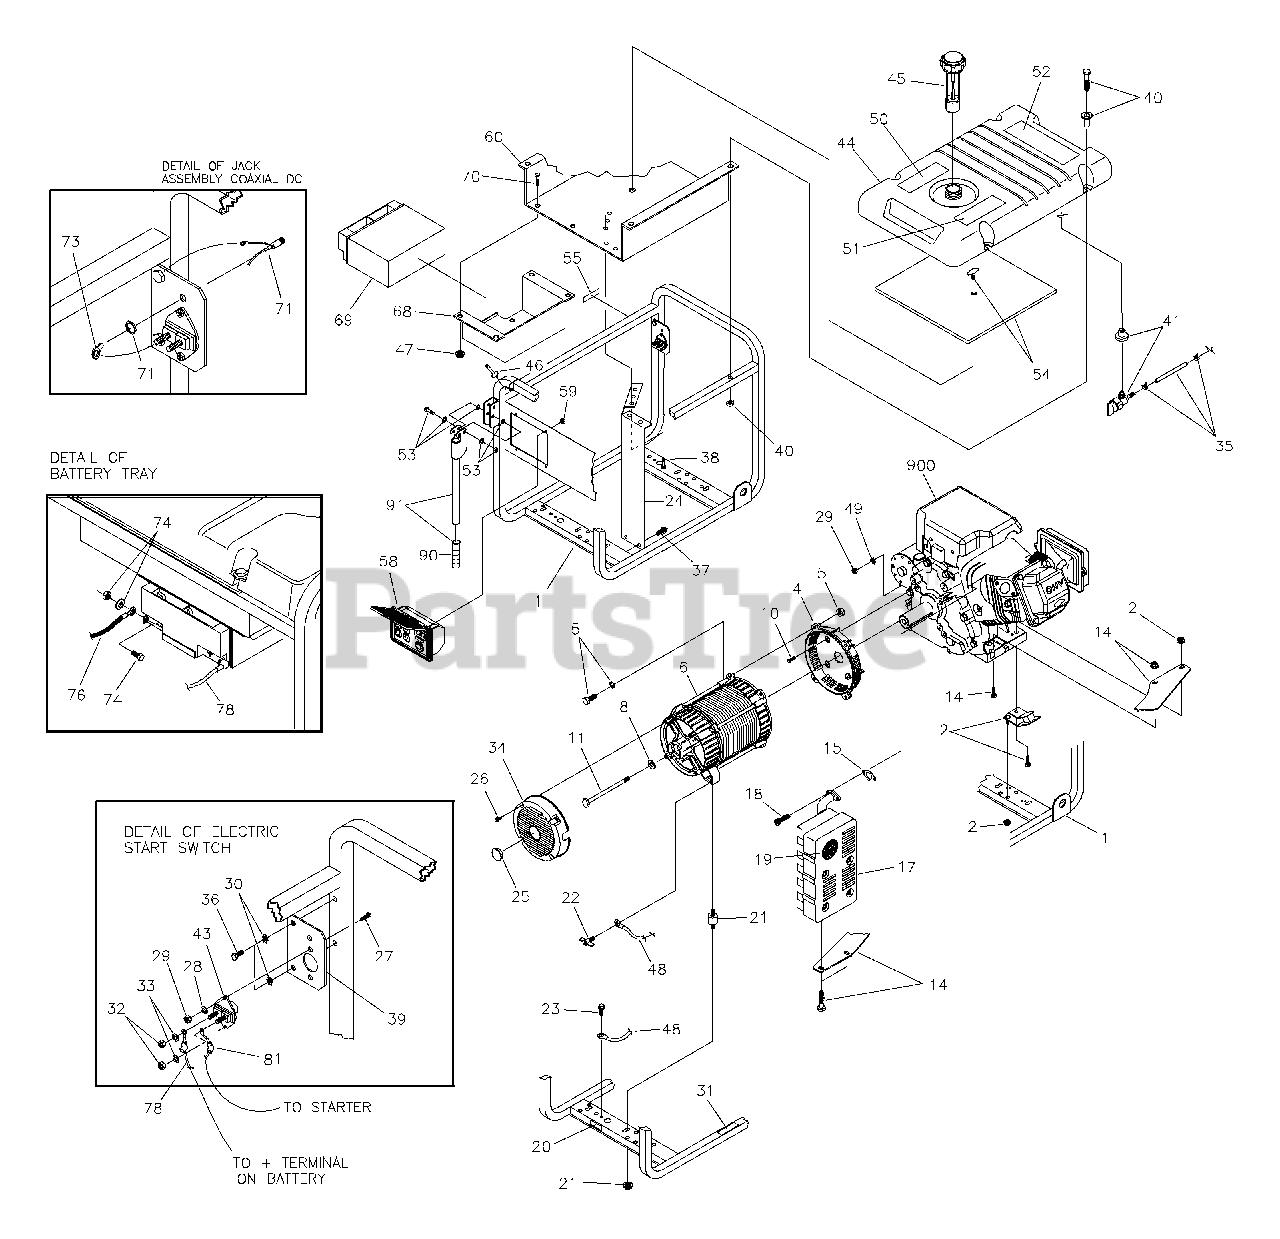 Troy-Bilt Parts on the Main Unit (197981) Diagram for